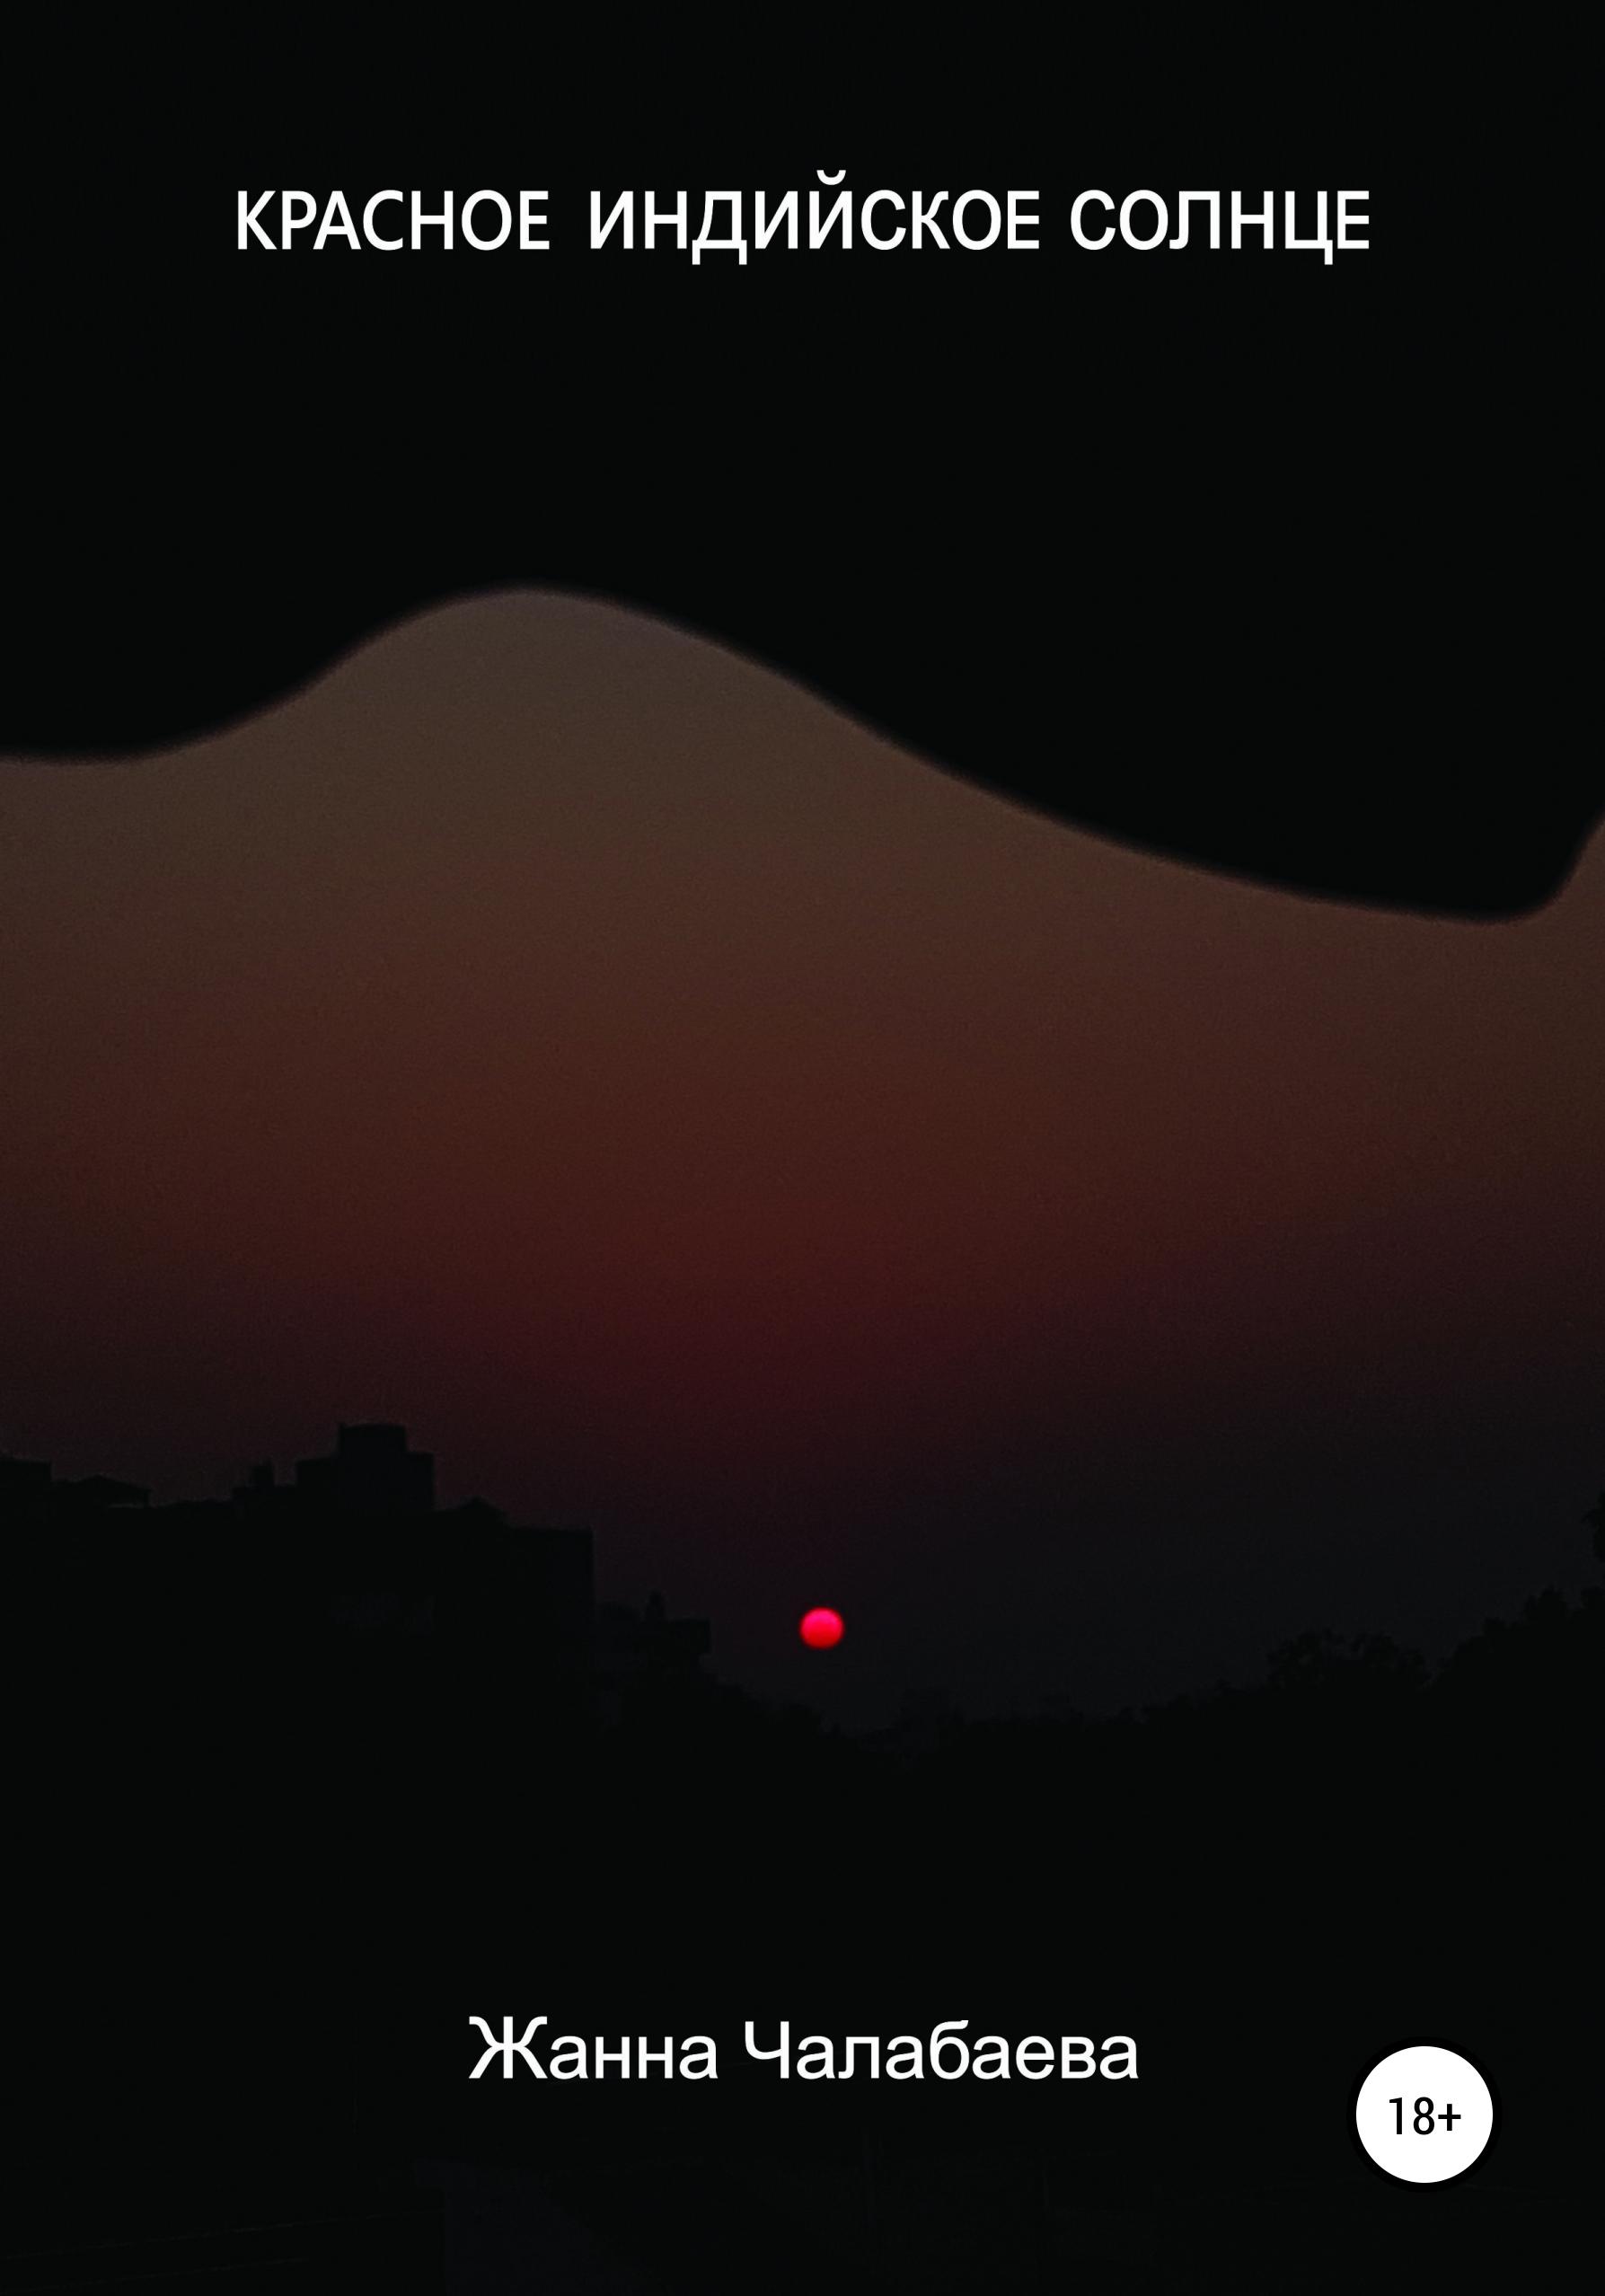 Красное индийское солнце